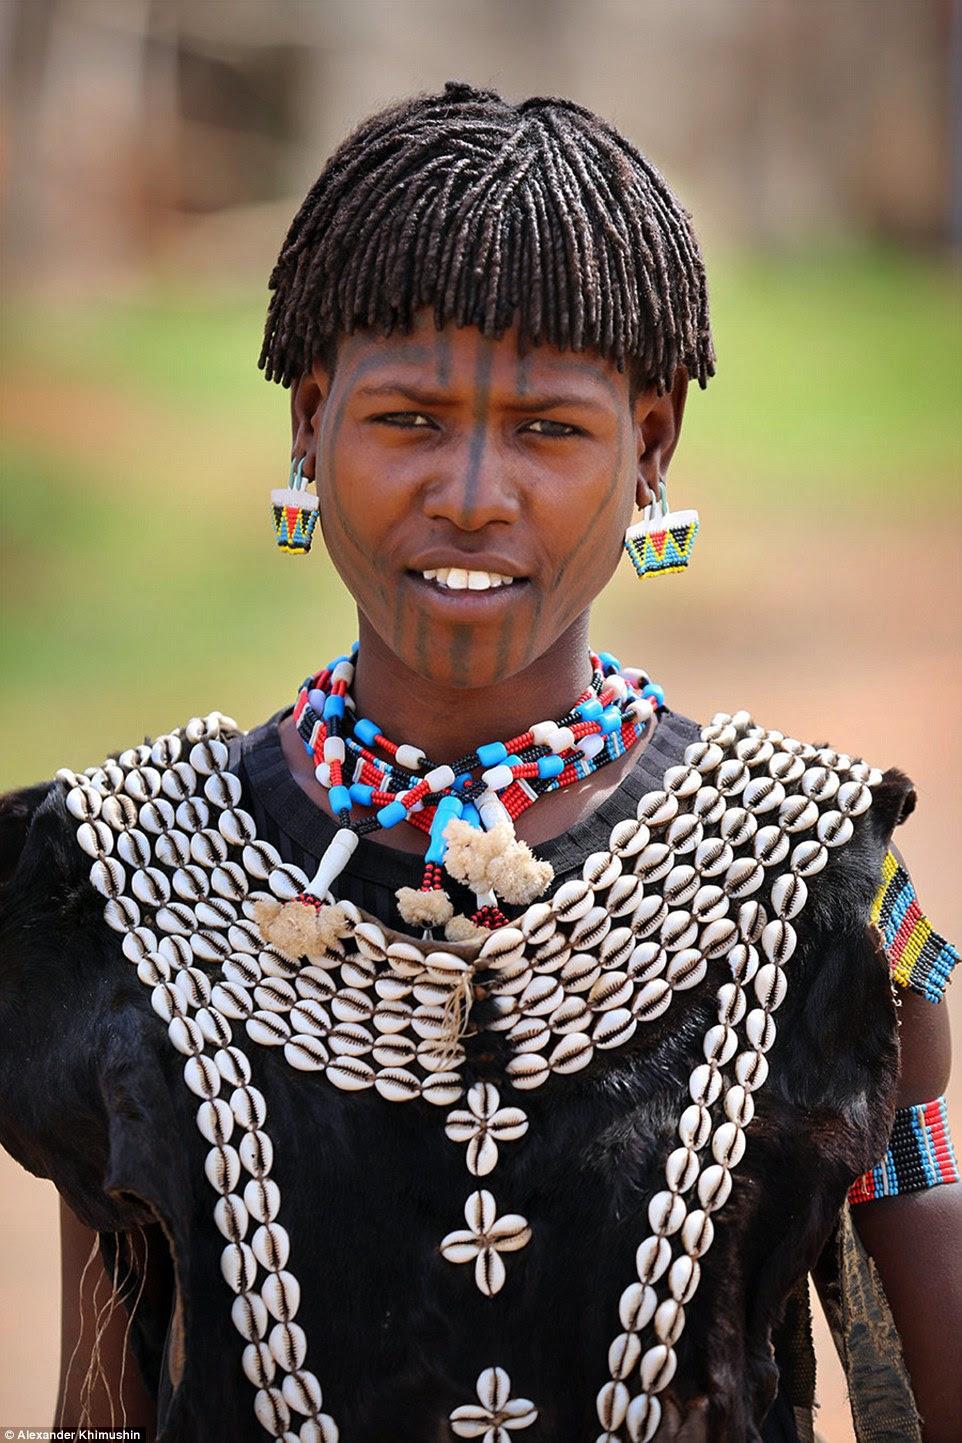 Vestindo uma roupa feita de conchas e peles uma tribo menina Tsemay usa pérolas em forma de bolsa em seus ouvidos (foto).  A população local, muitas vezes convidar o Sr. Khimushin para participar de suas antigas tradições